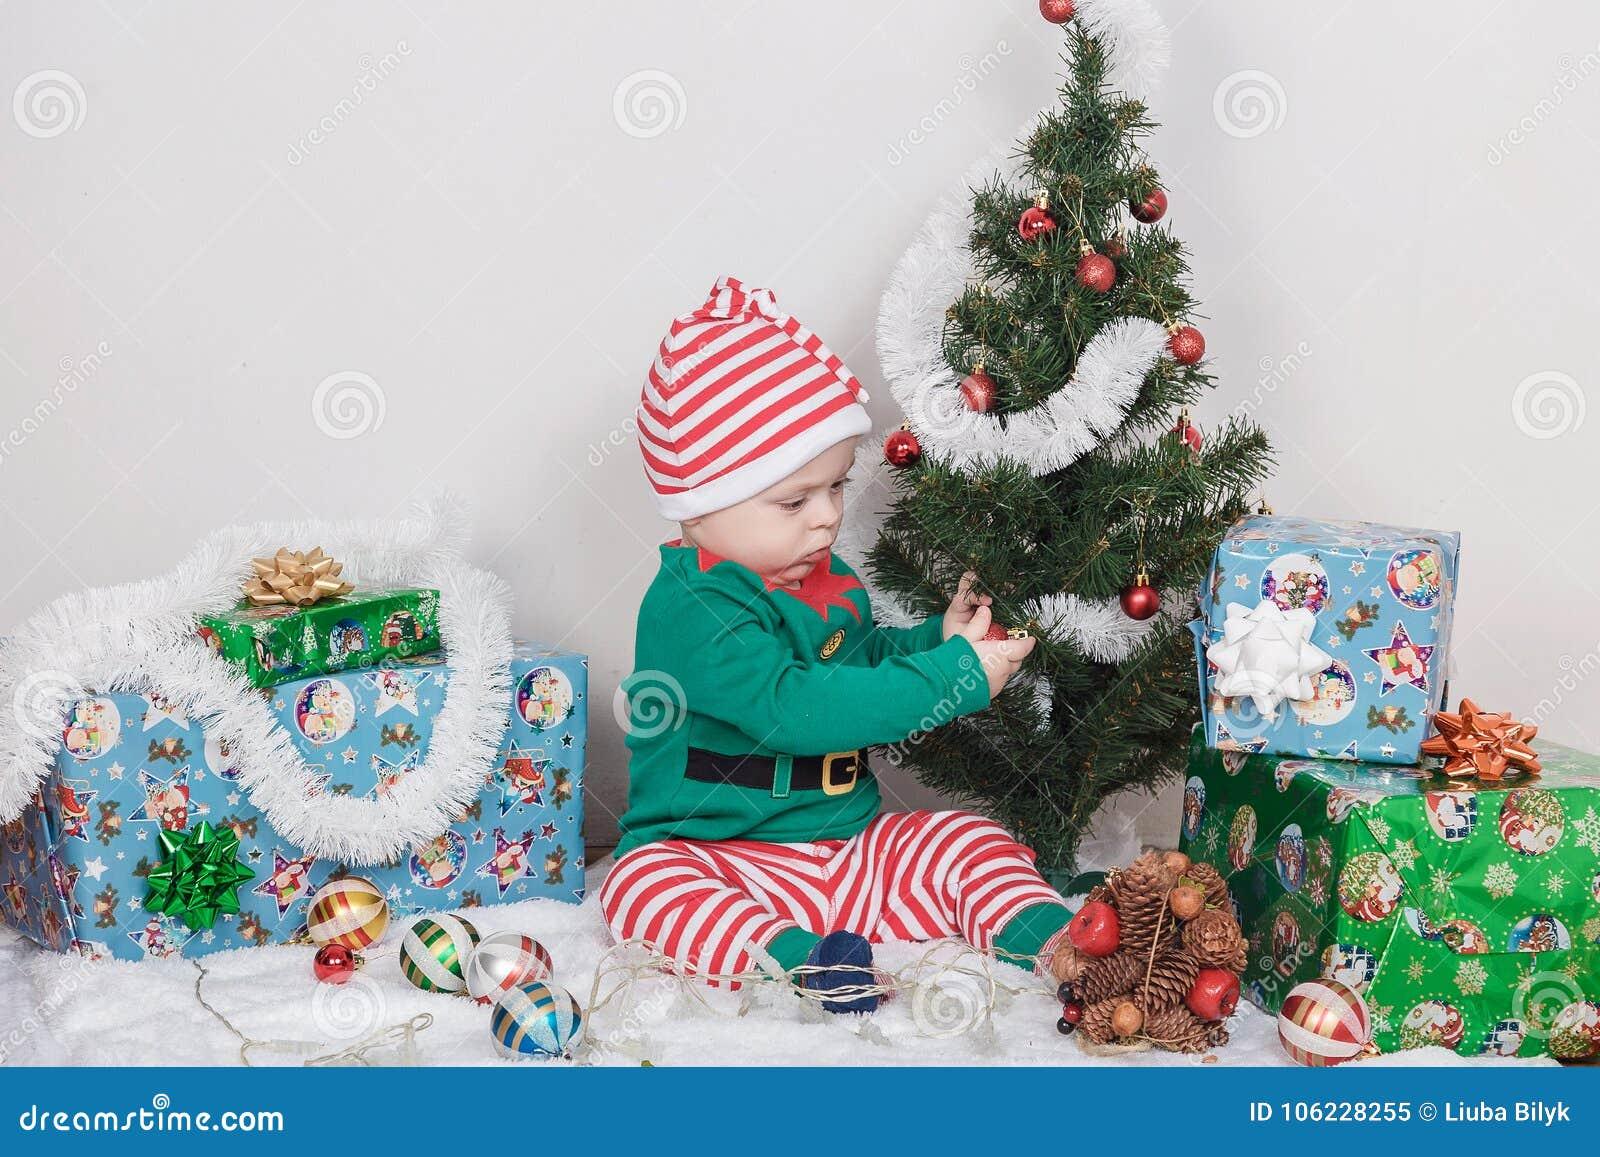 Christmas tree phenomenal dyi christmas tree diy christmas tree